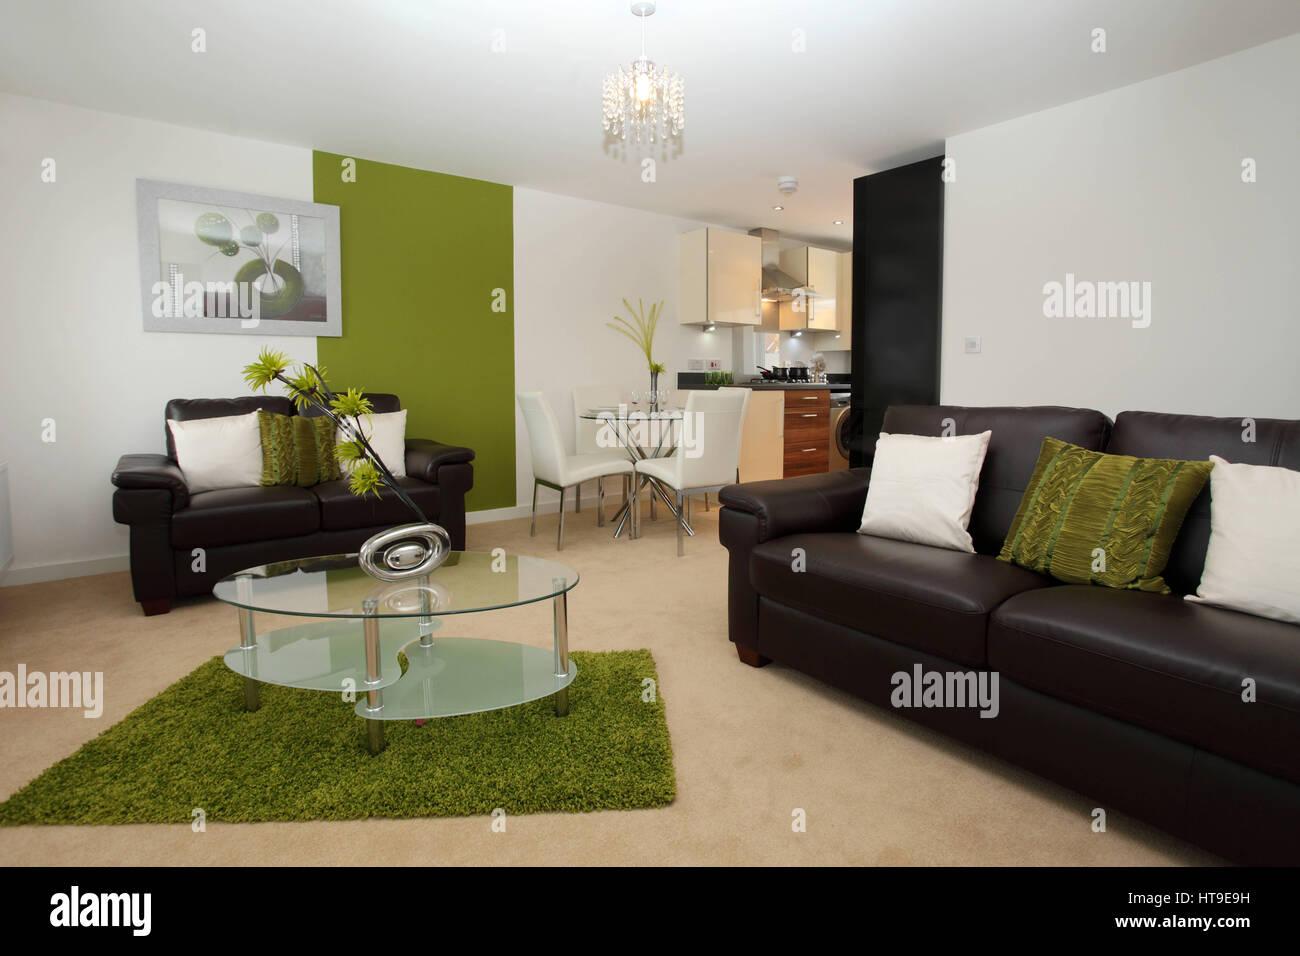 Wohnung Interieur, moderne Lounge/Küche/Esszimmer ...